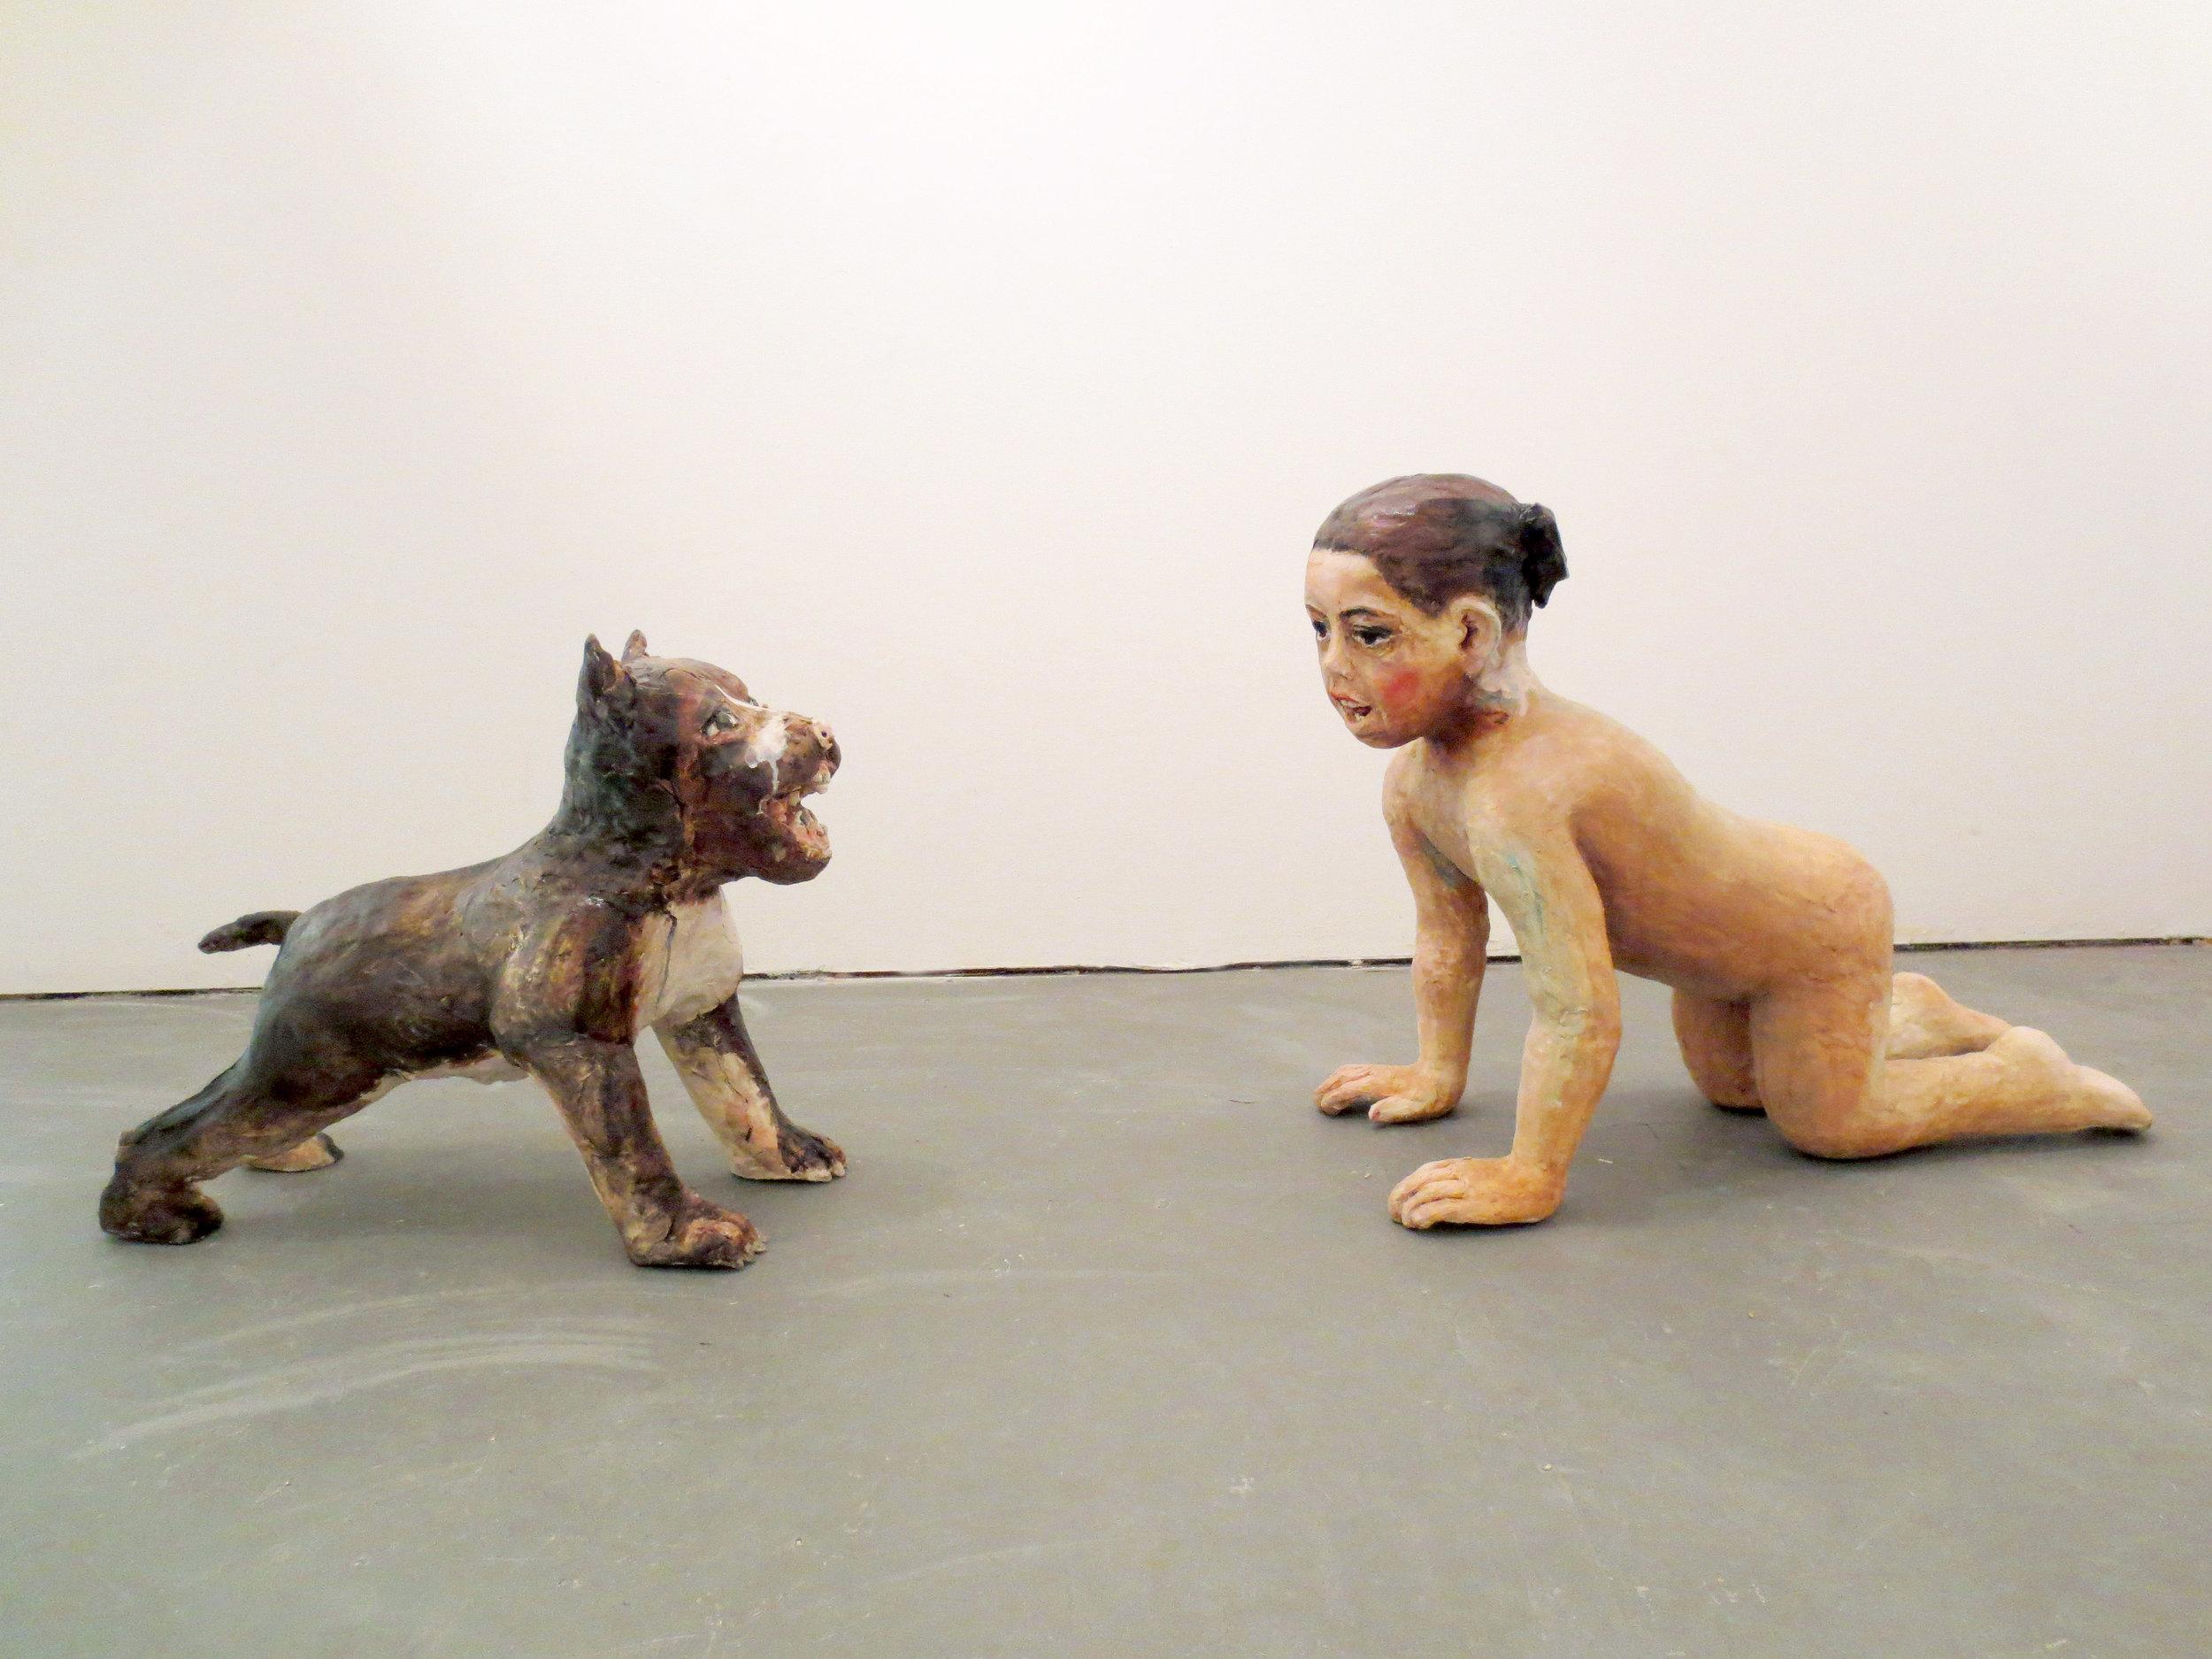 Inocencias Brutalidad, 2013, Glazed ceramic, Dog 17 ½ X 9 ½ X 22 ½ in., Girl, 22 X 14 X 27 in.